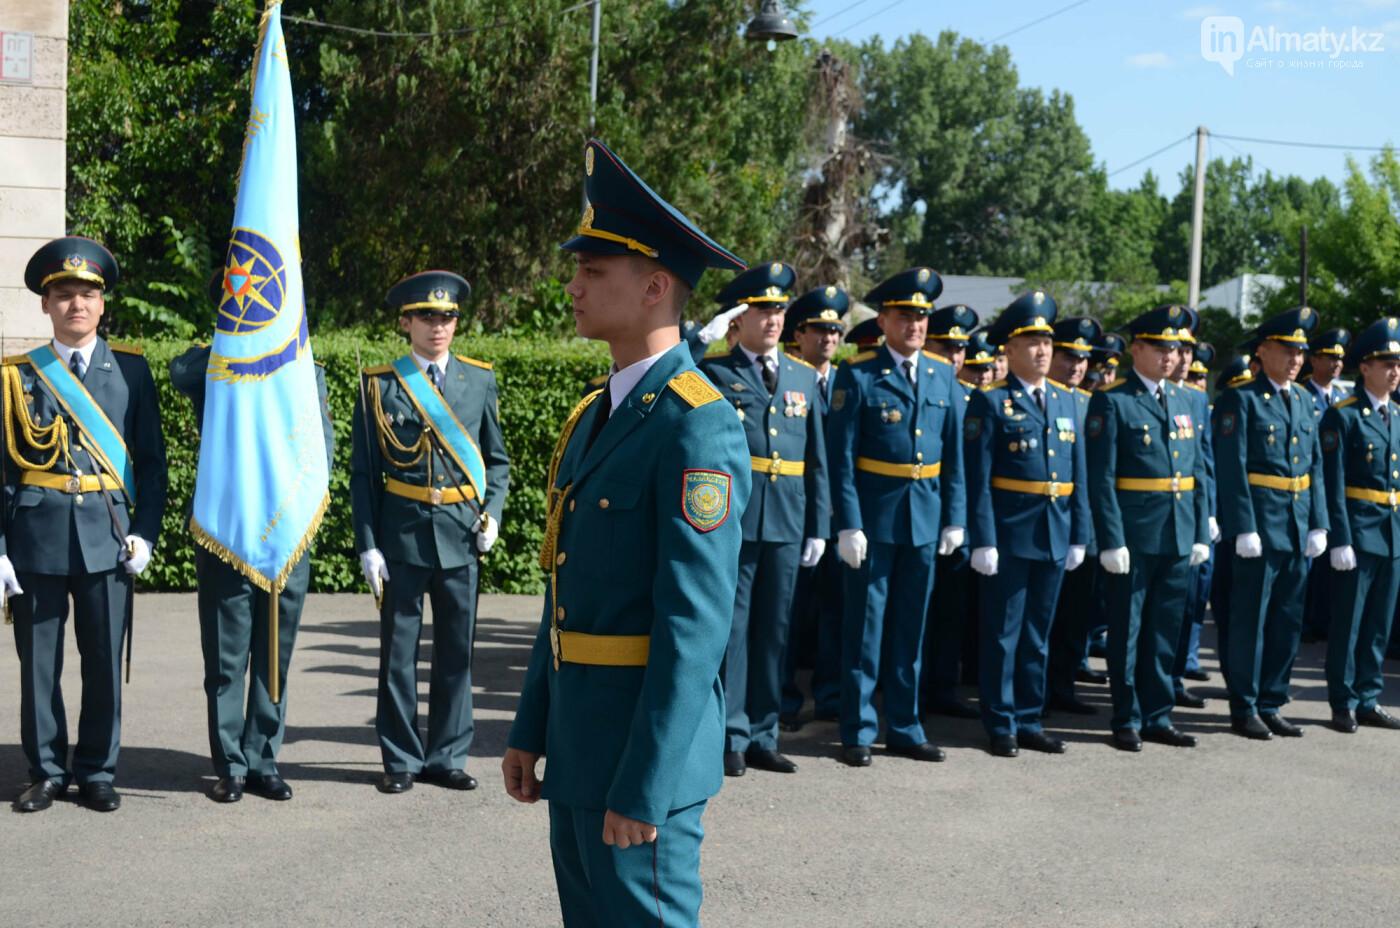 В Алматы почтили память пожарных героически погибших 30 лет назад , фото-5